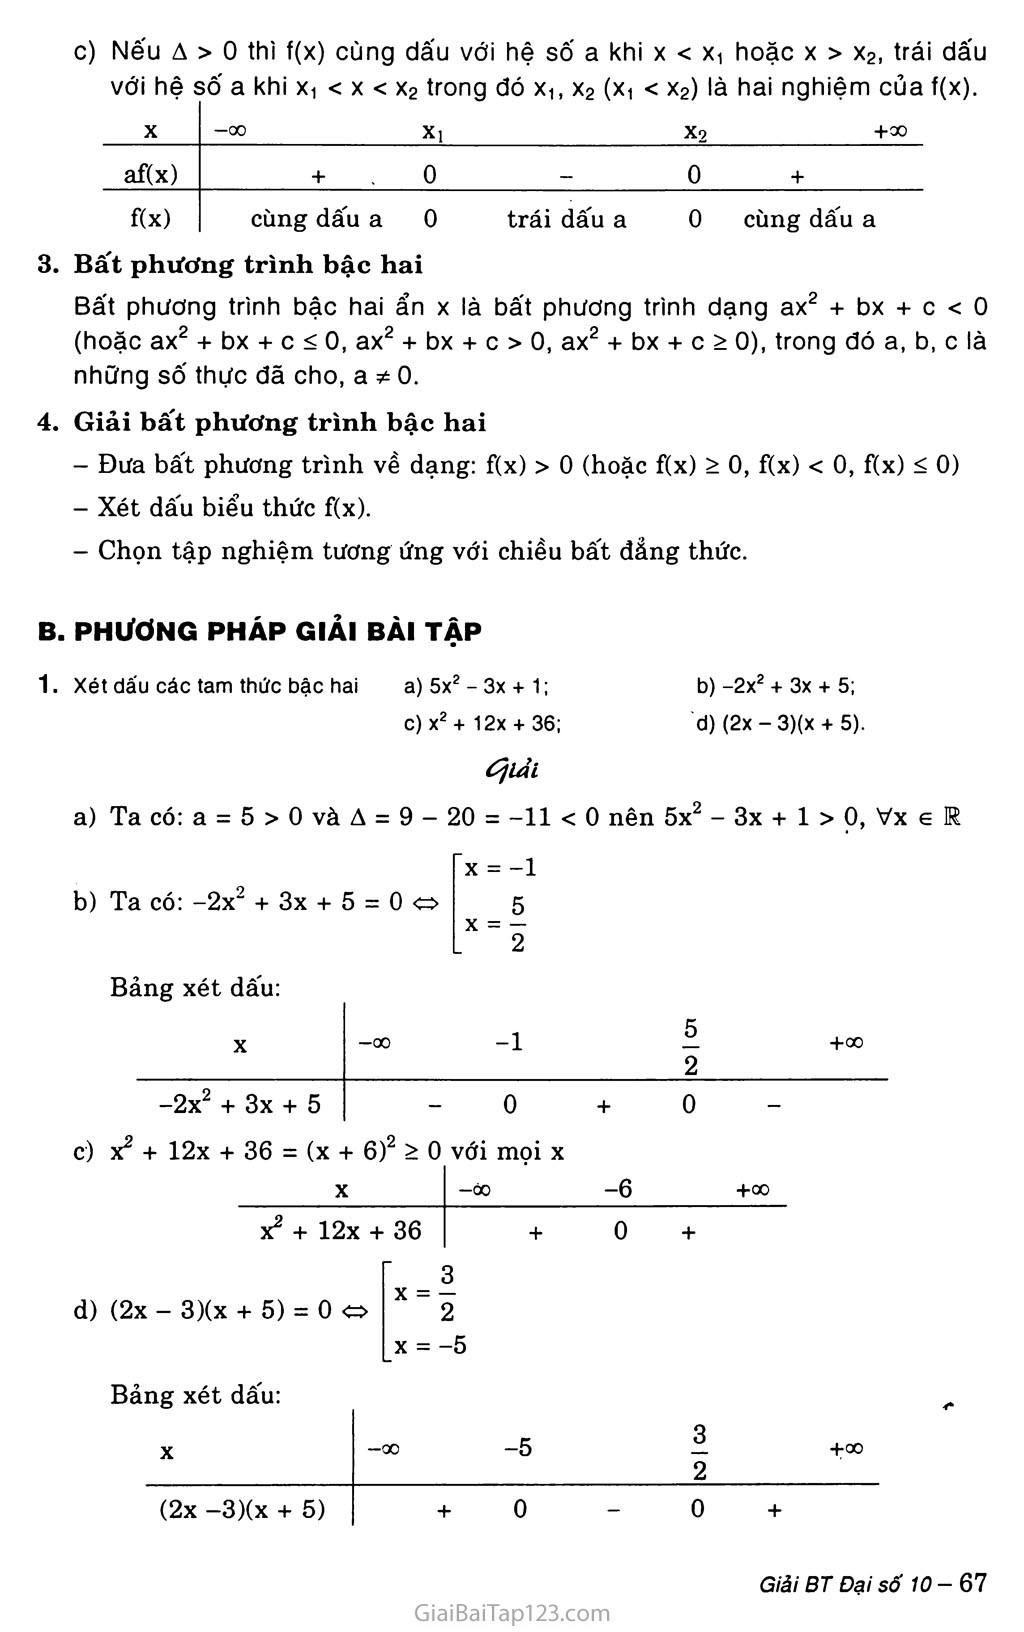 Bài 5. Dấu của tam thức bậc hai trang 2